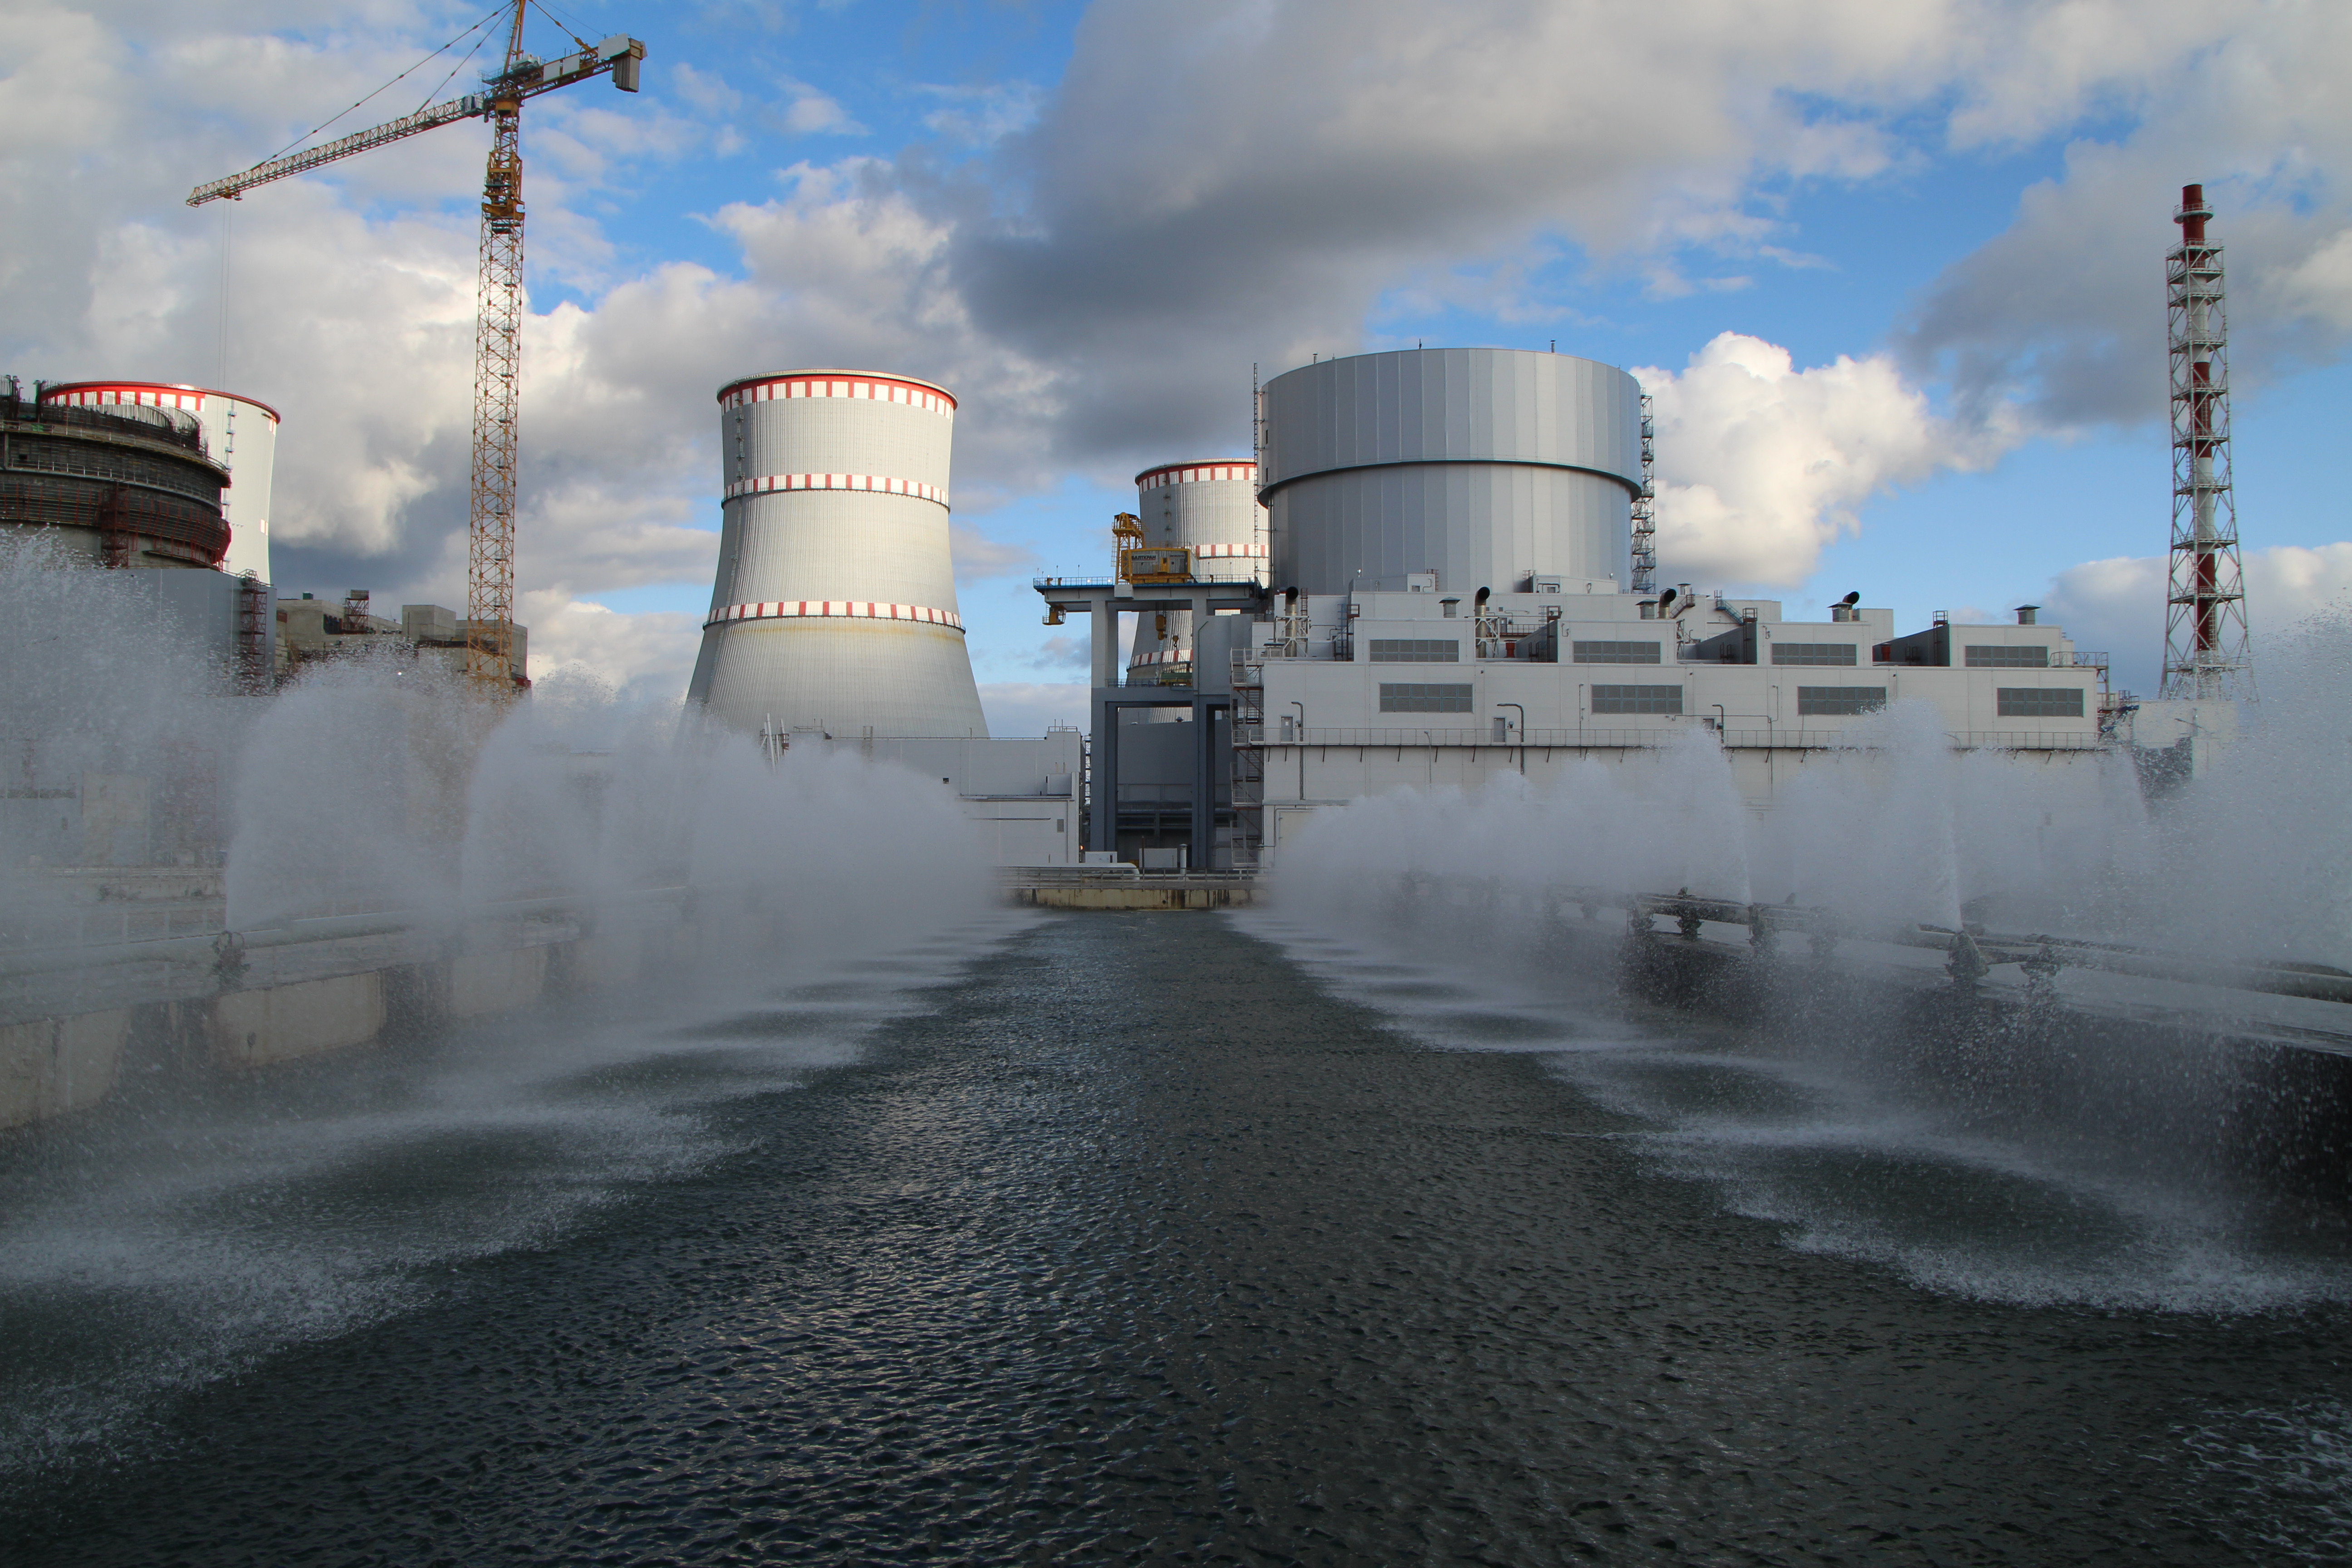 девушка картинка бор атомная электростанция комбинезон спицами, используя